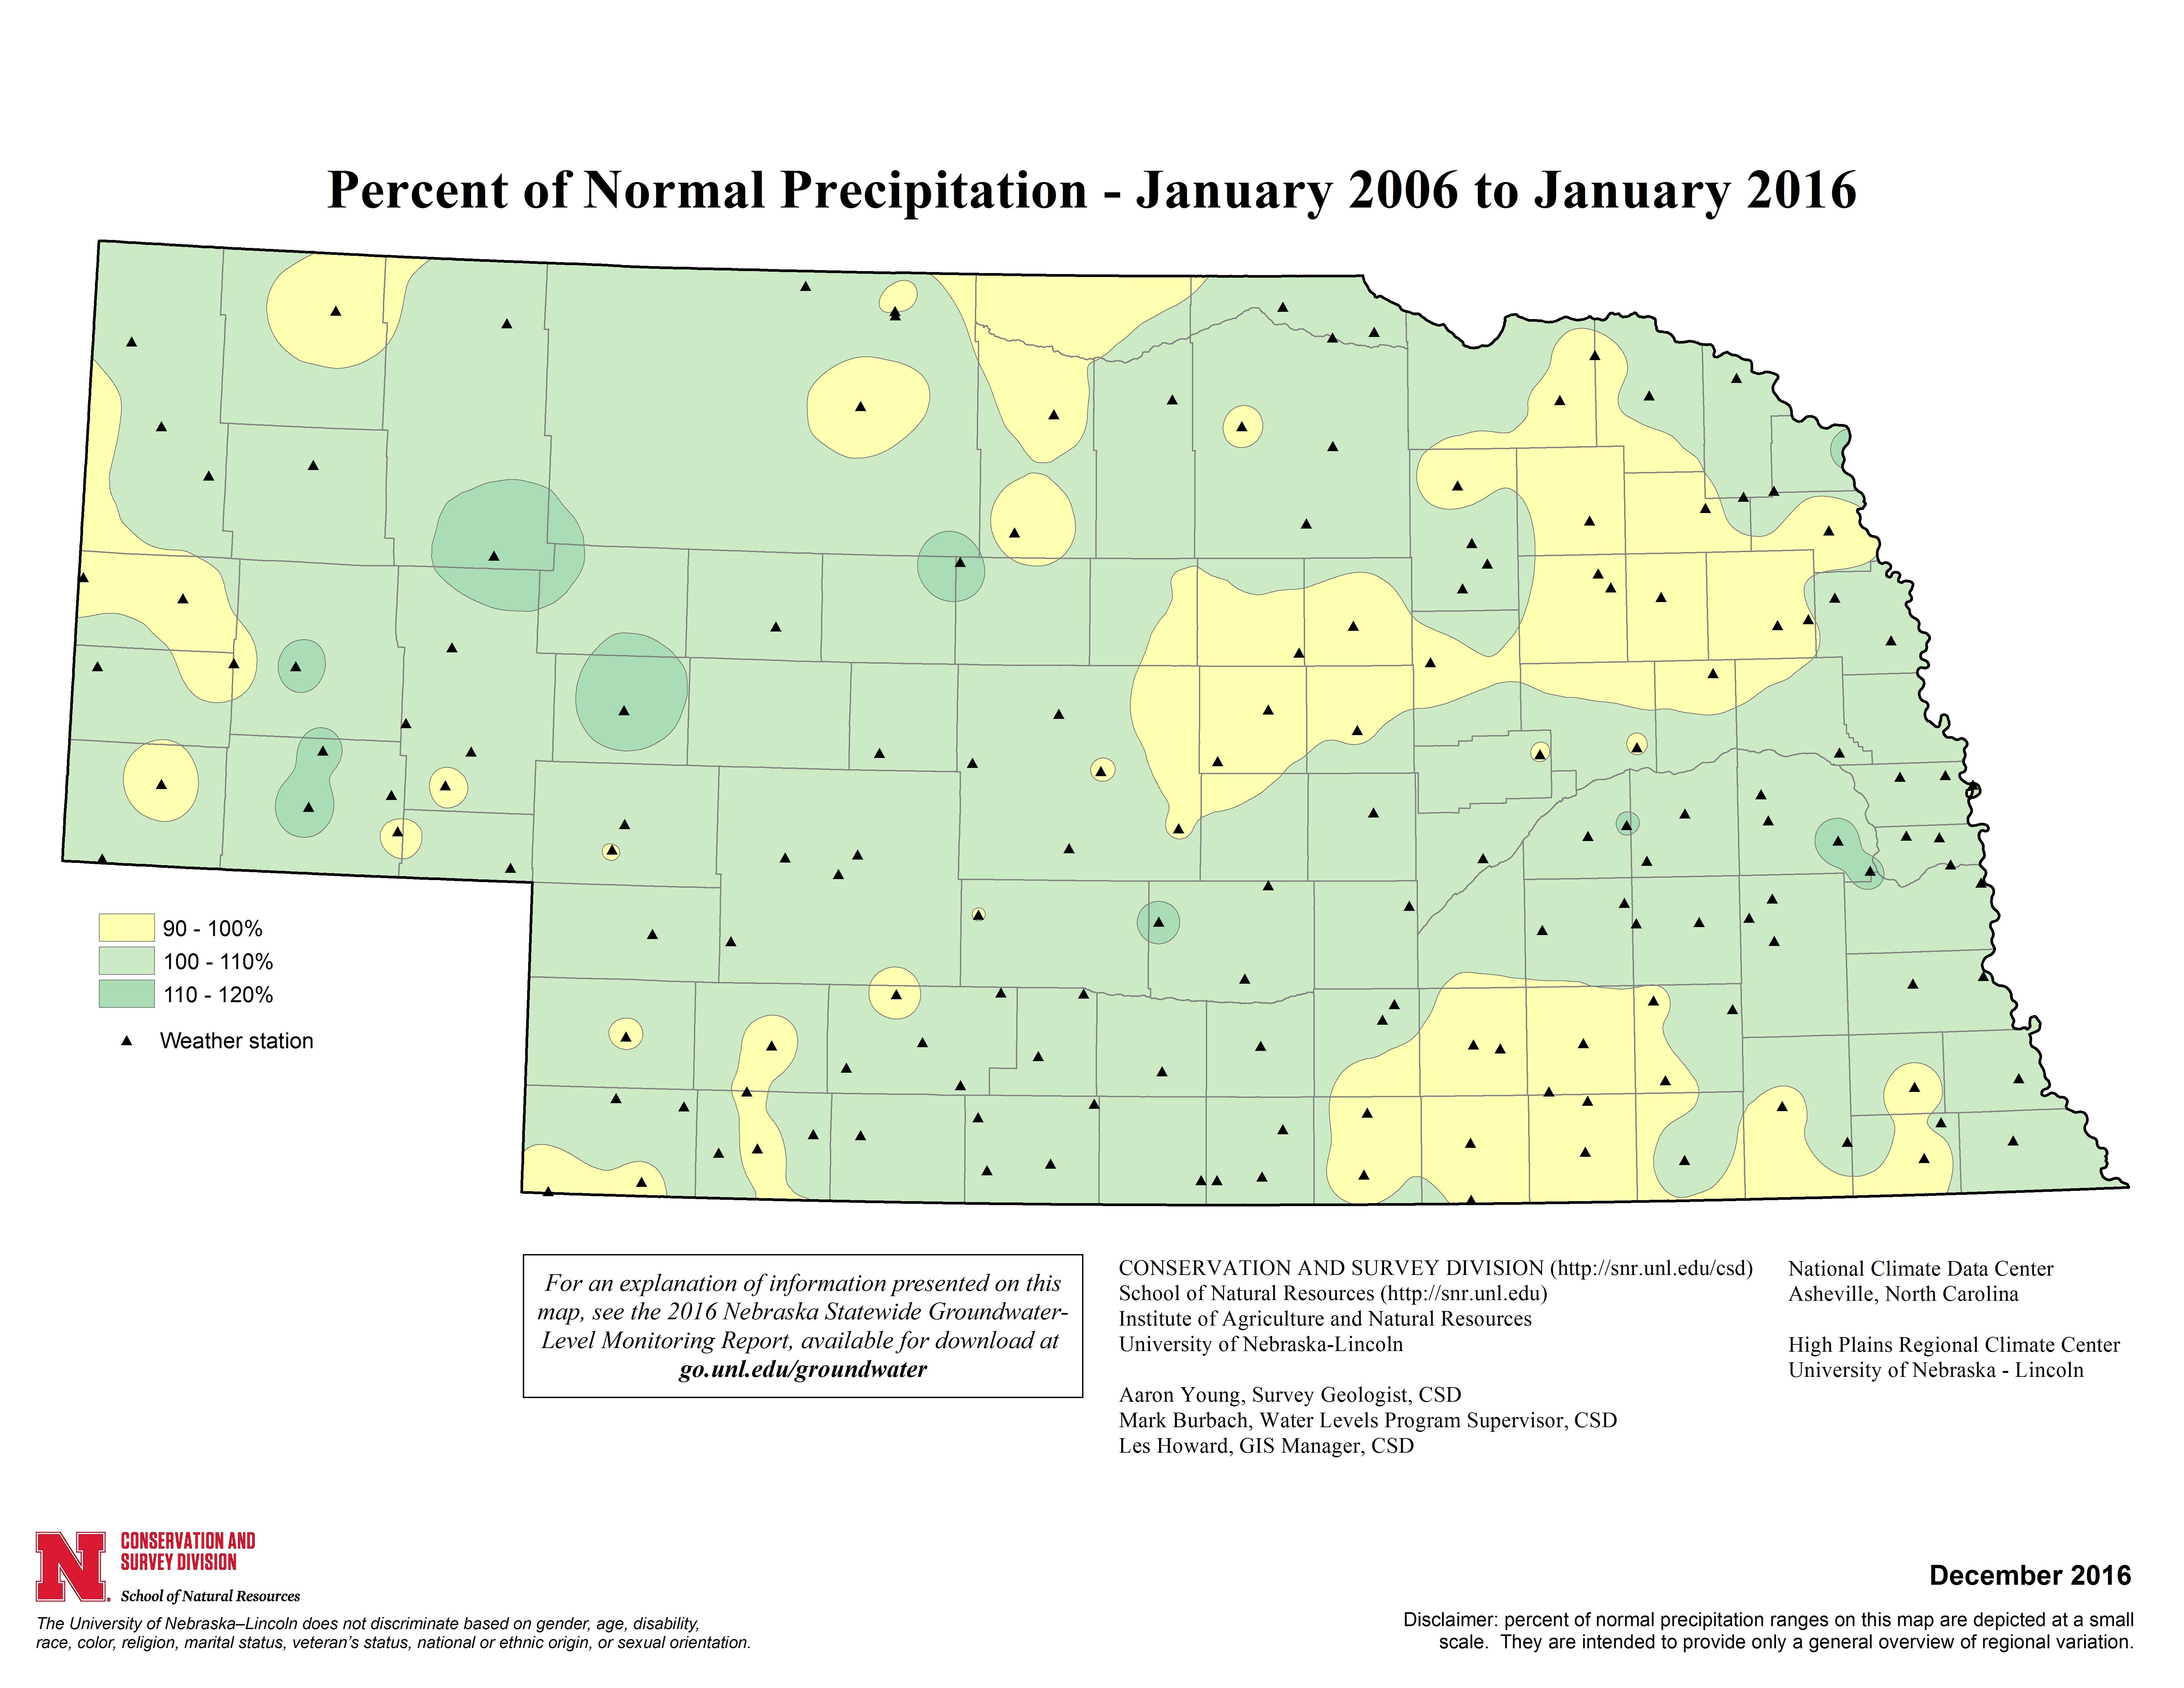 Percent of Normal Precipitation, January 2005 - January 2015